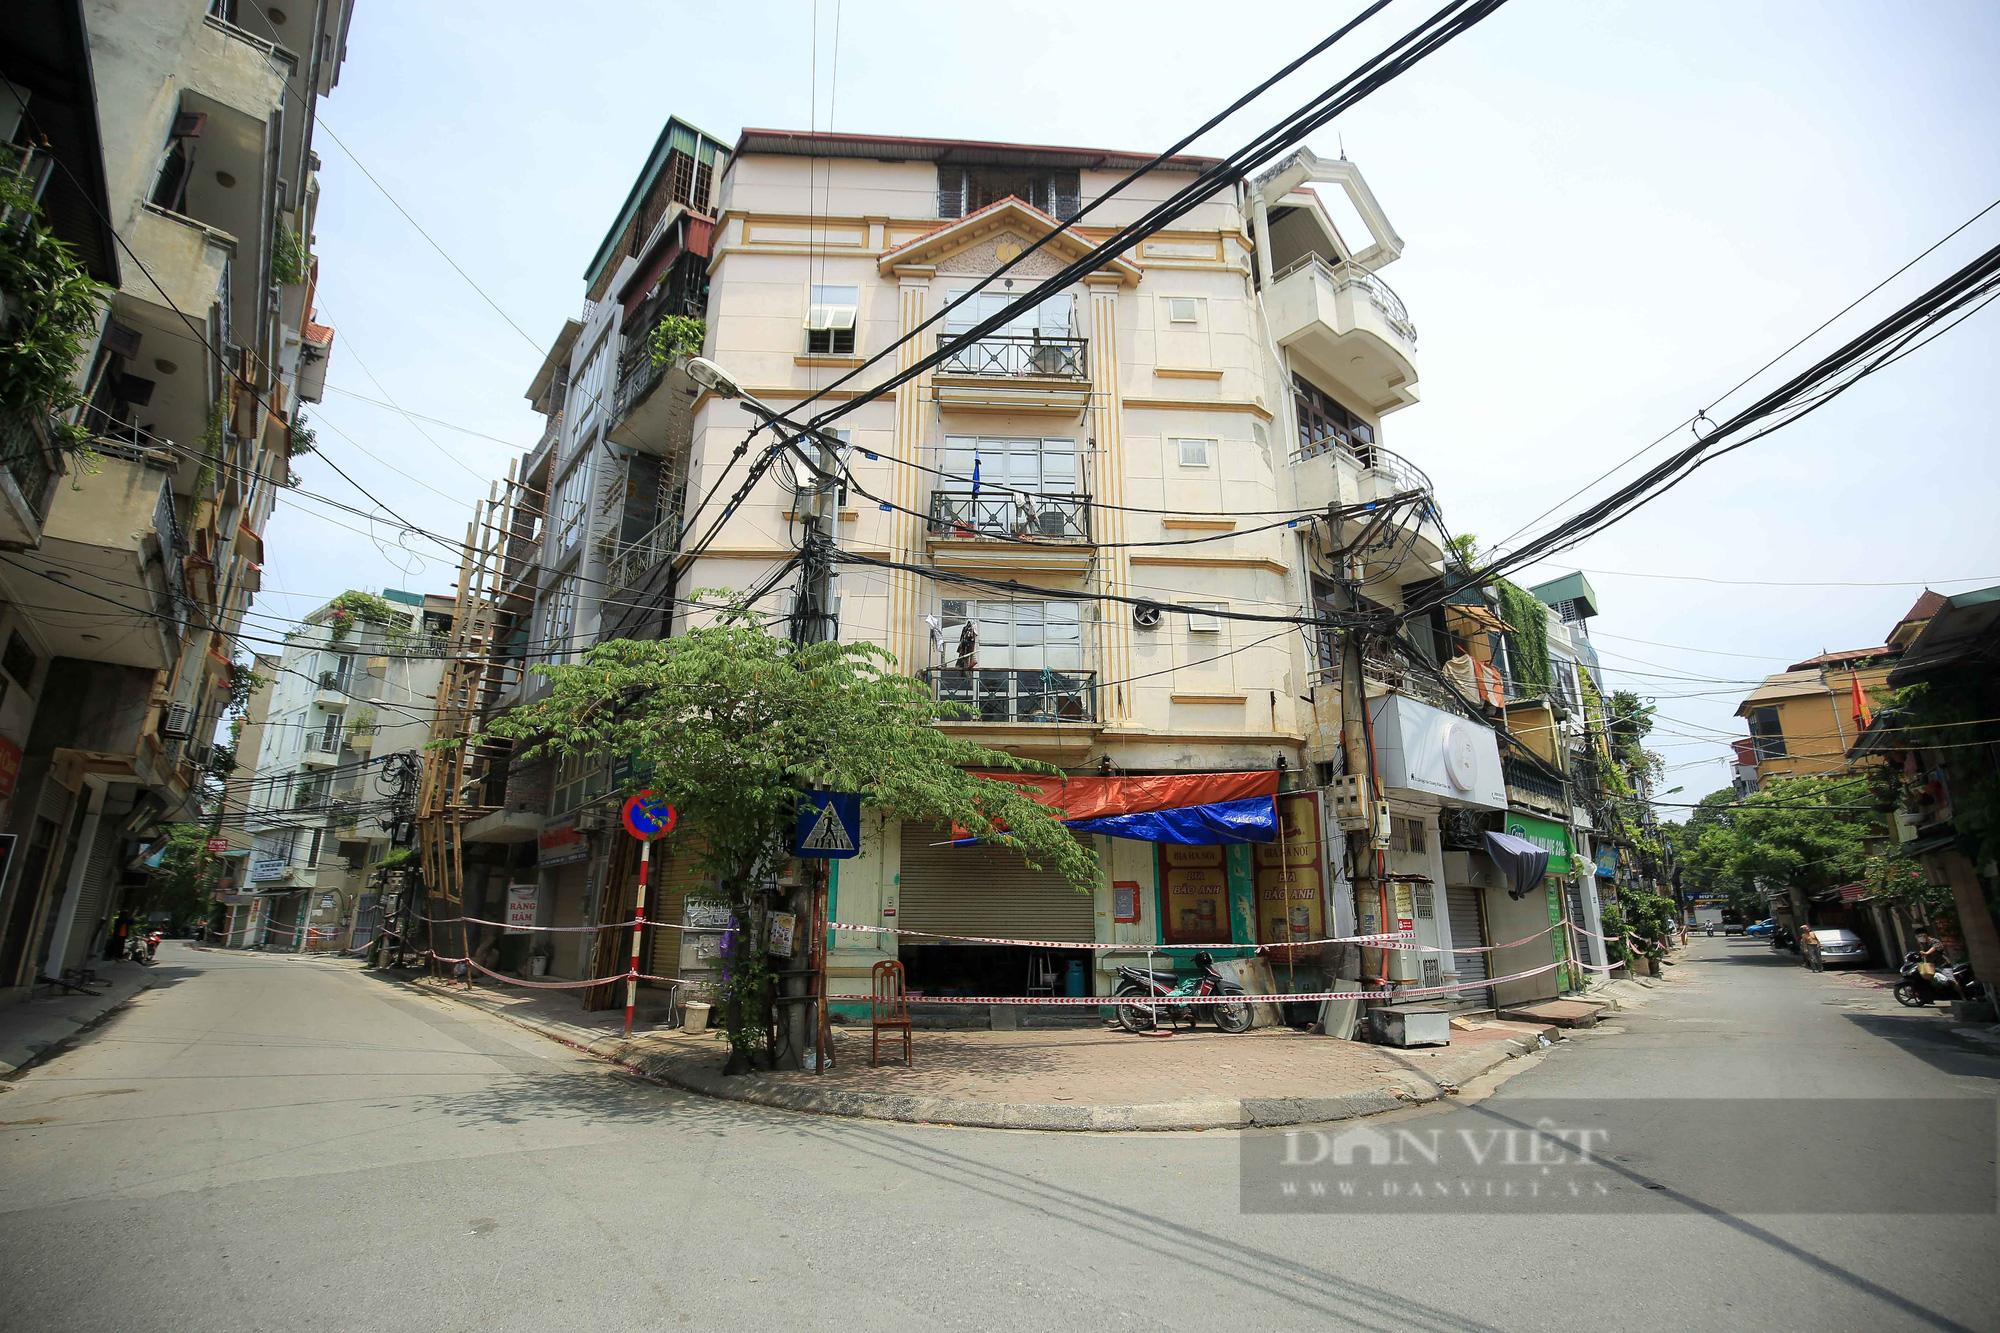 Phong toả 900 hộ dân và 2.800 nhân khẩu tại một phường của Hà Nội - Ảnh 3.